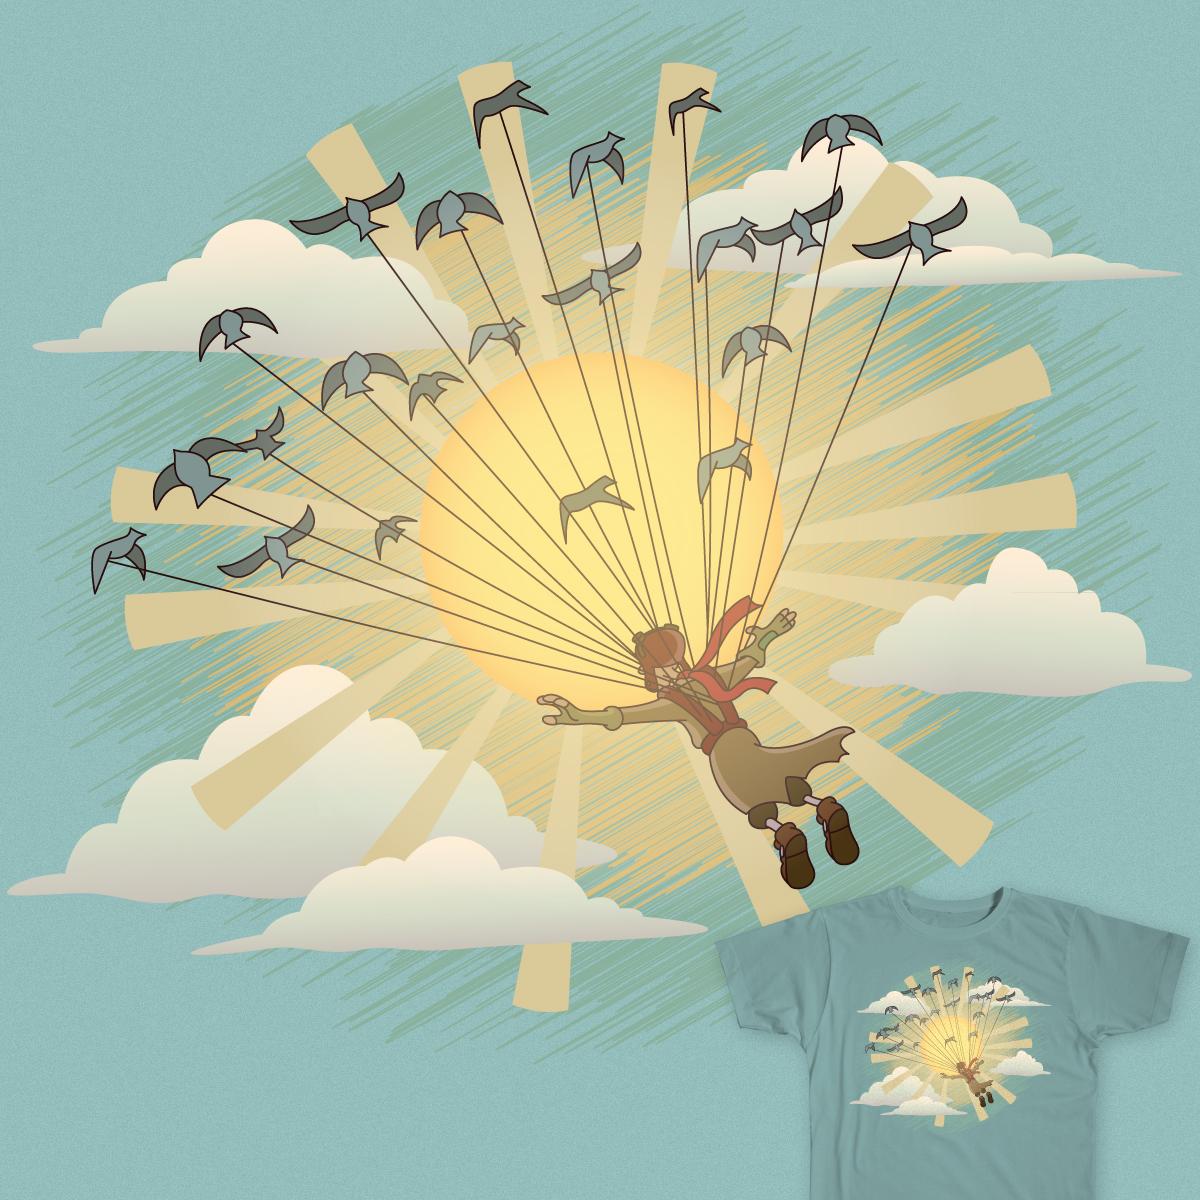 Fly Toward The Sun by Kyle Frisch on Threadless